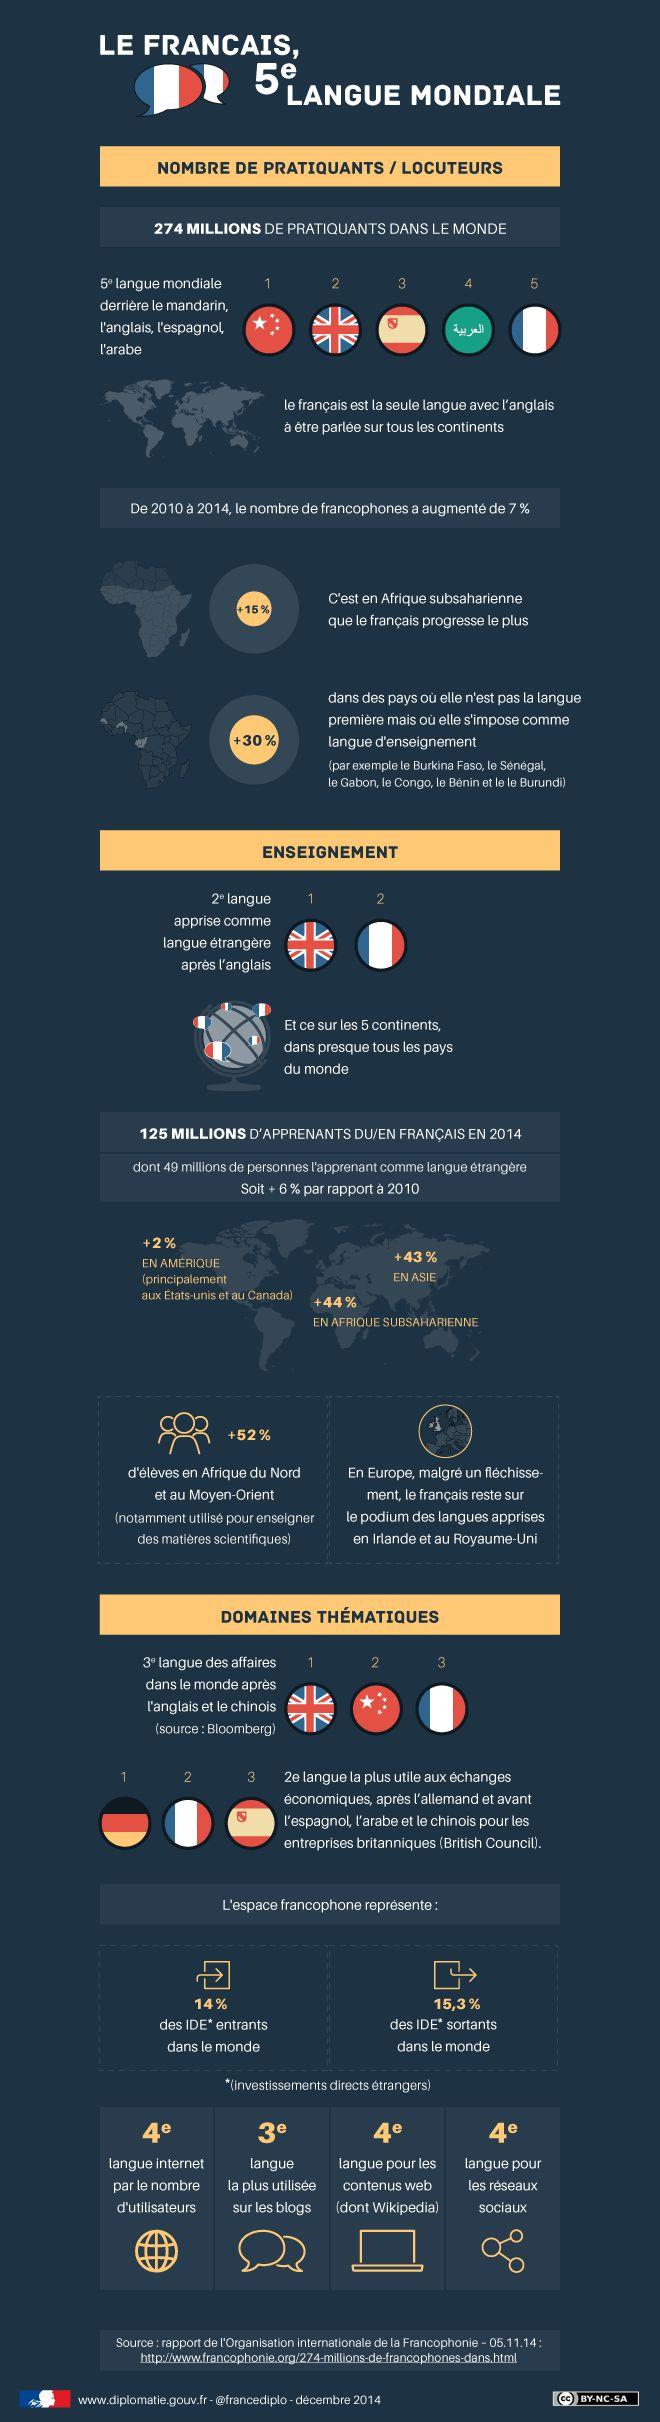 Infographie : le français, 5e langue mondiale - France-Diplomatie - Ministère des Affaires étrangères et du Développement international